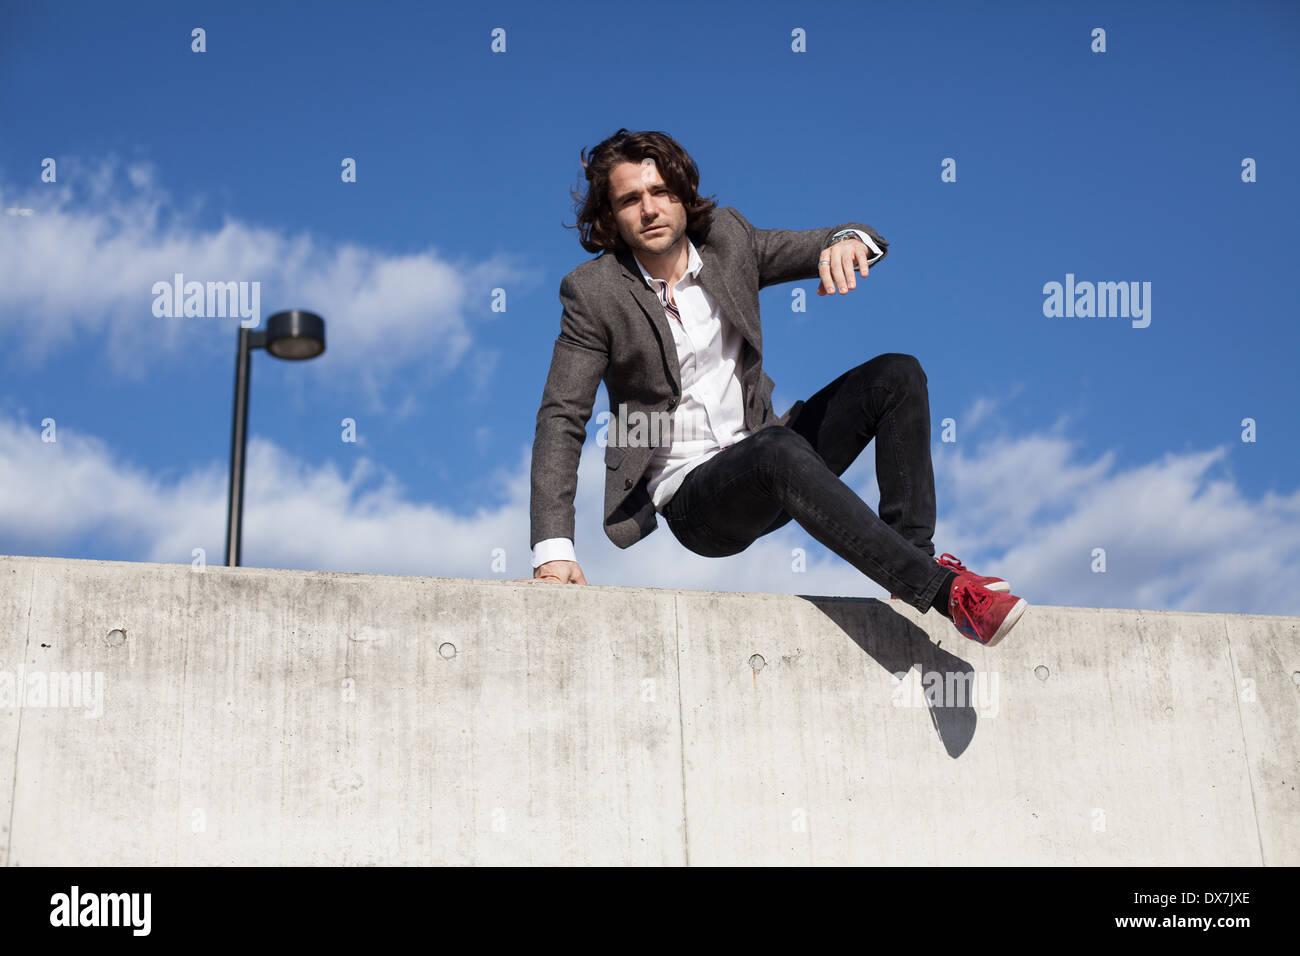 Un giovane maschio modello su un muro di cemento con cielo blu dietro Immagini Stock